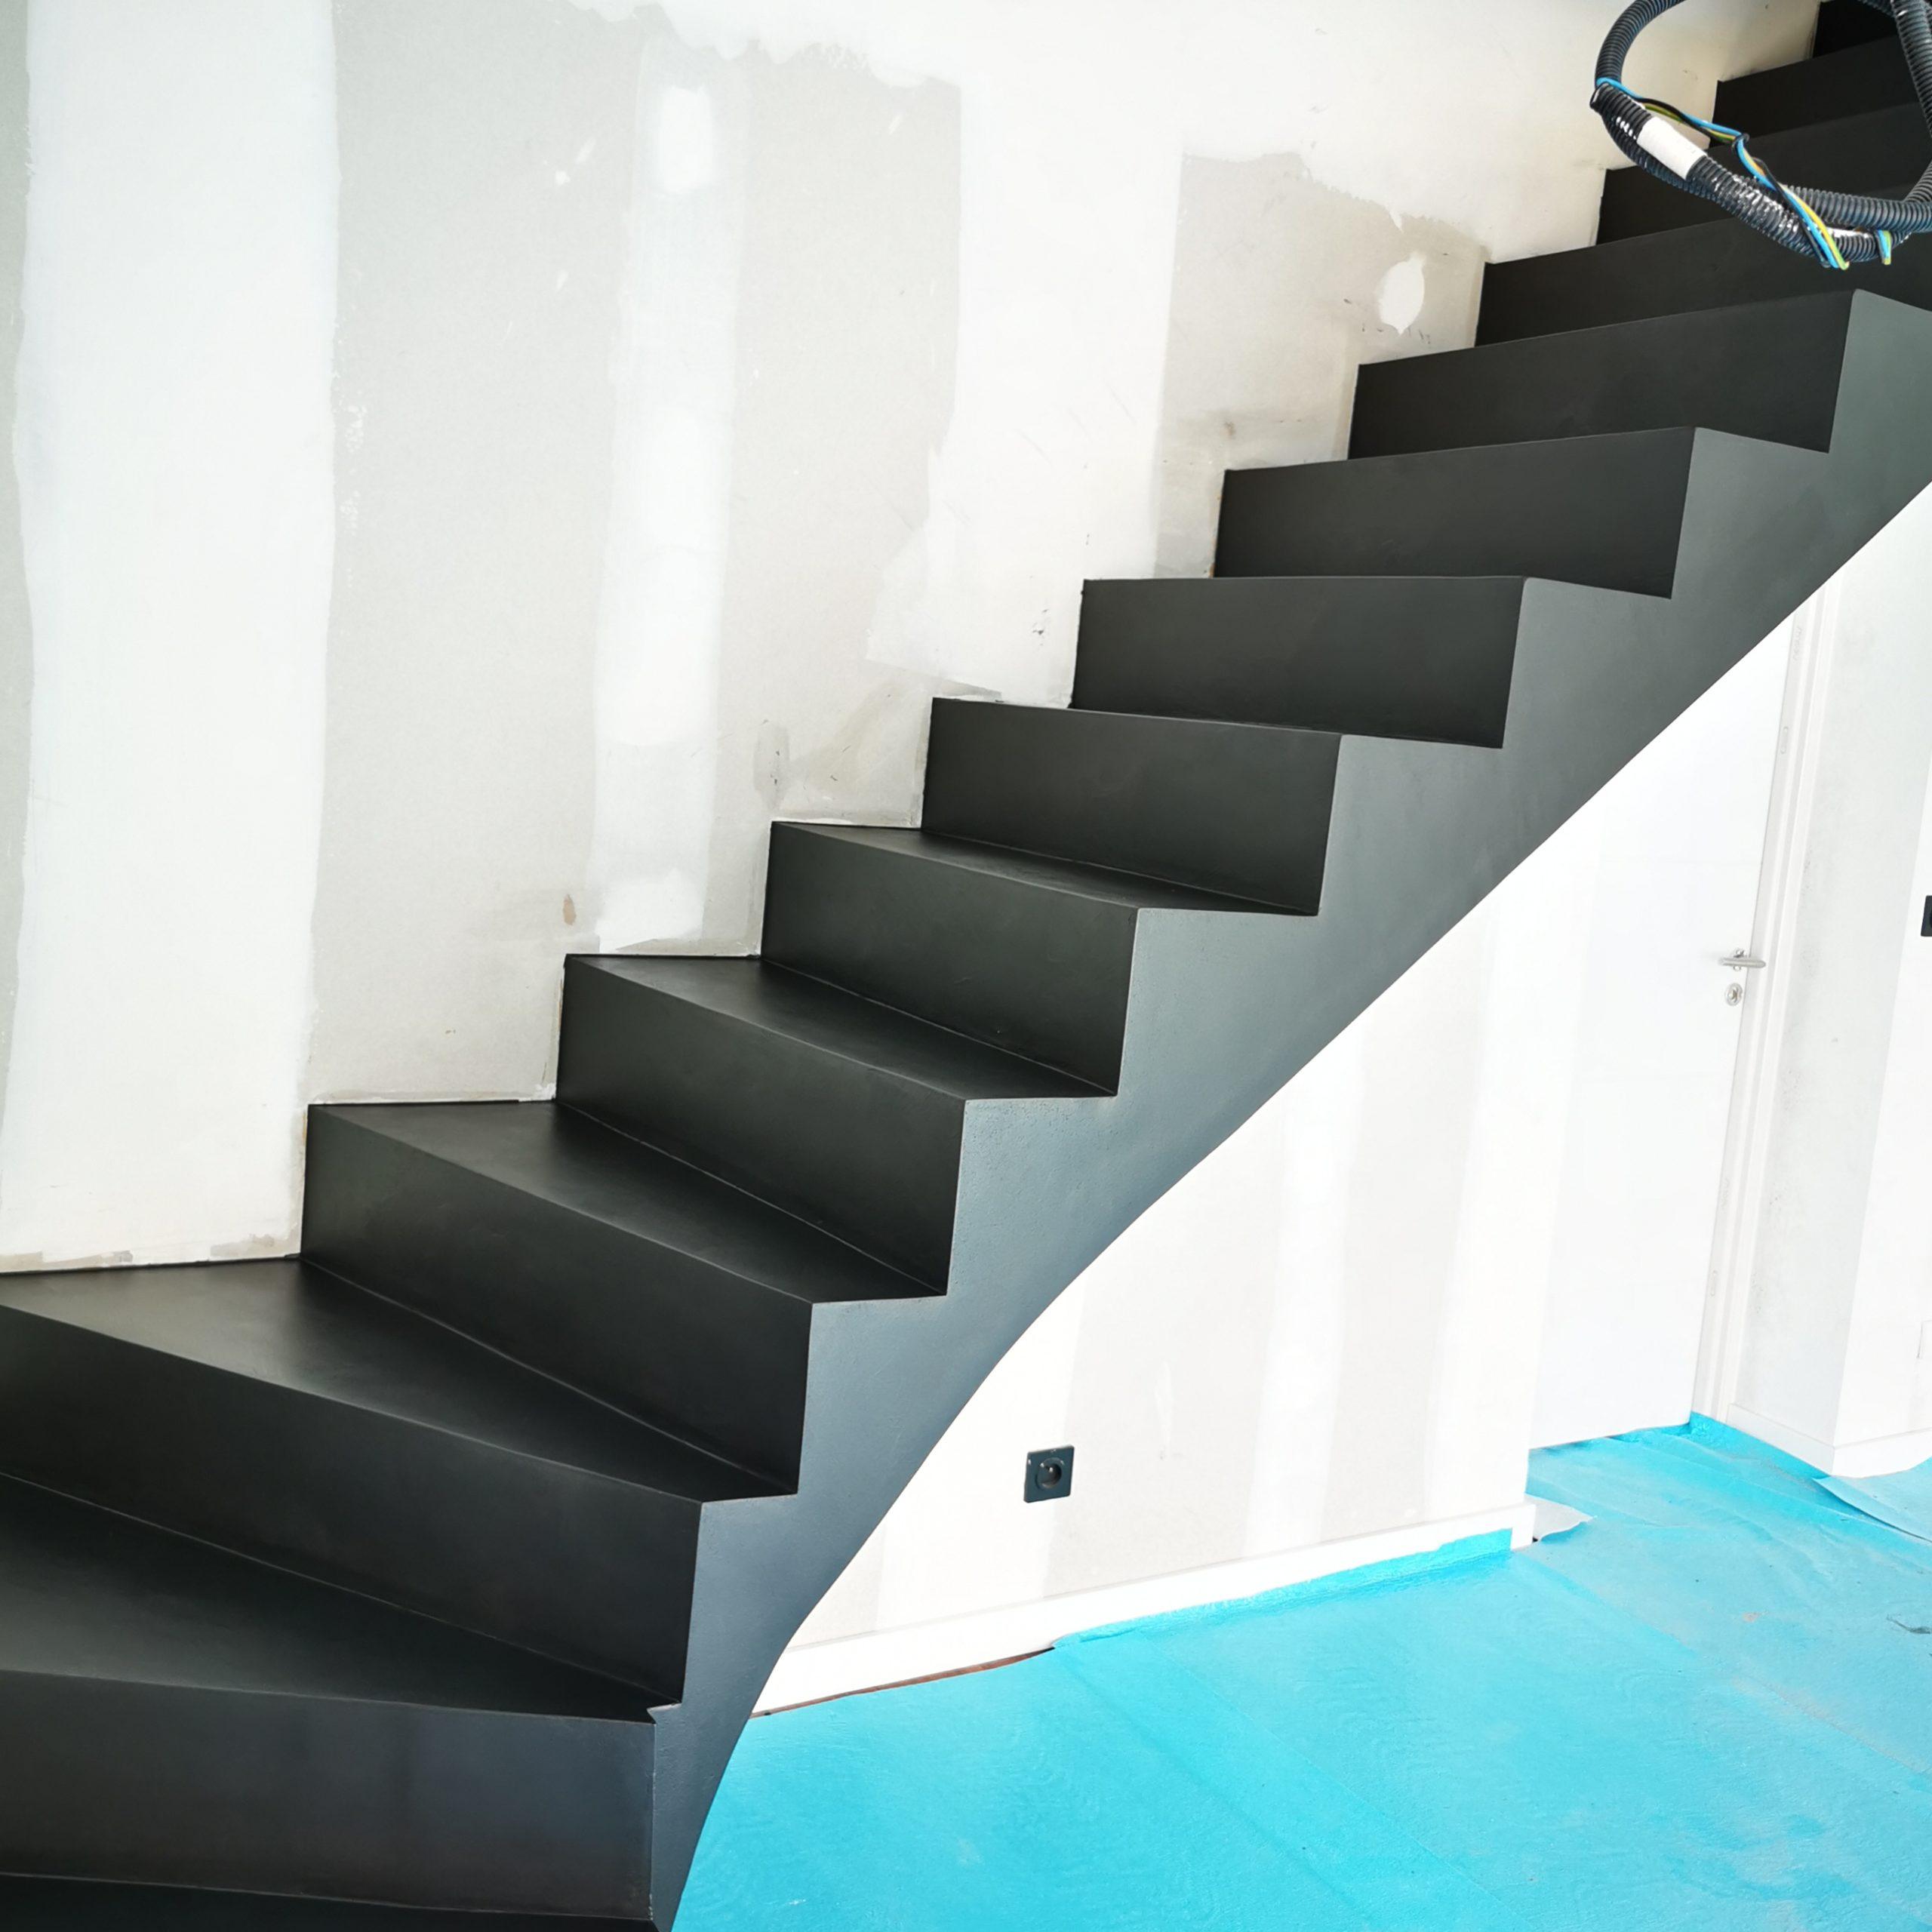 Beton cire sur un escalier intérieur